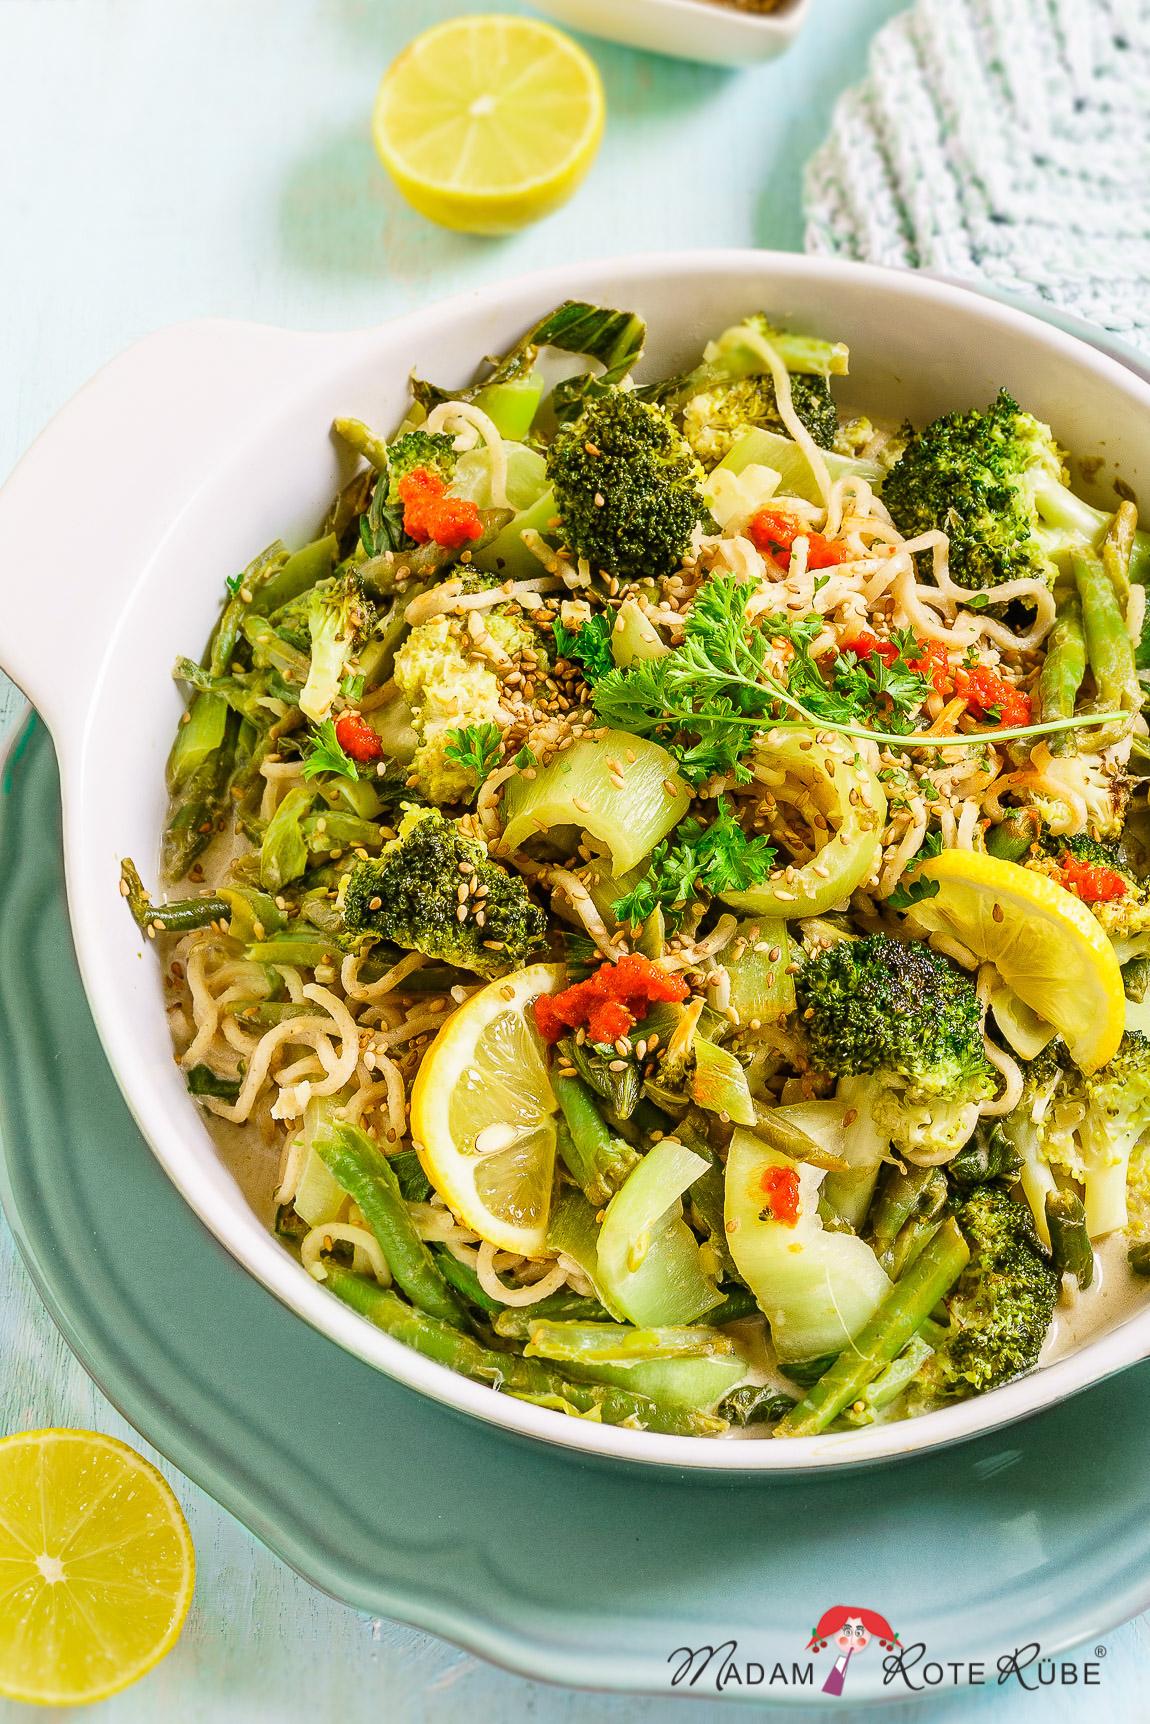 Madam Rote Rübe - Pak Choi-Gemüsepfanne mit Brokkoli, grünen Bohnen und Mie-Nudeln